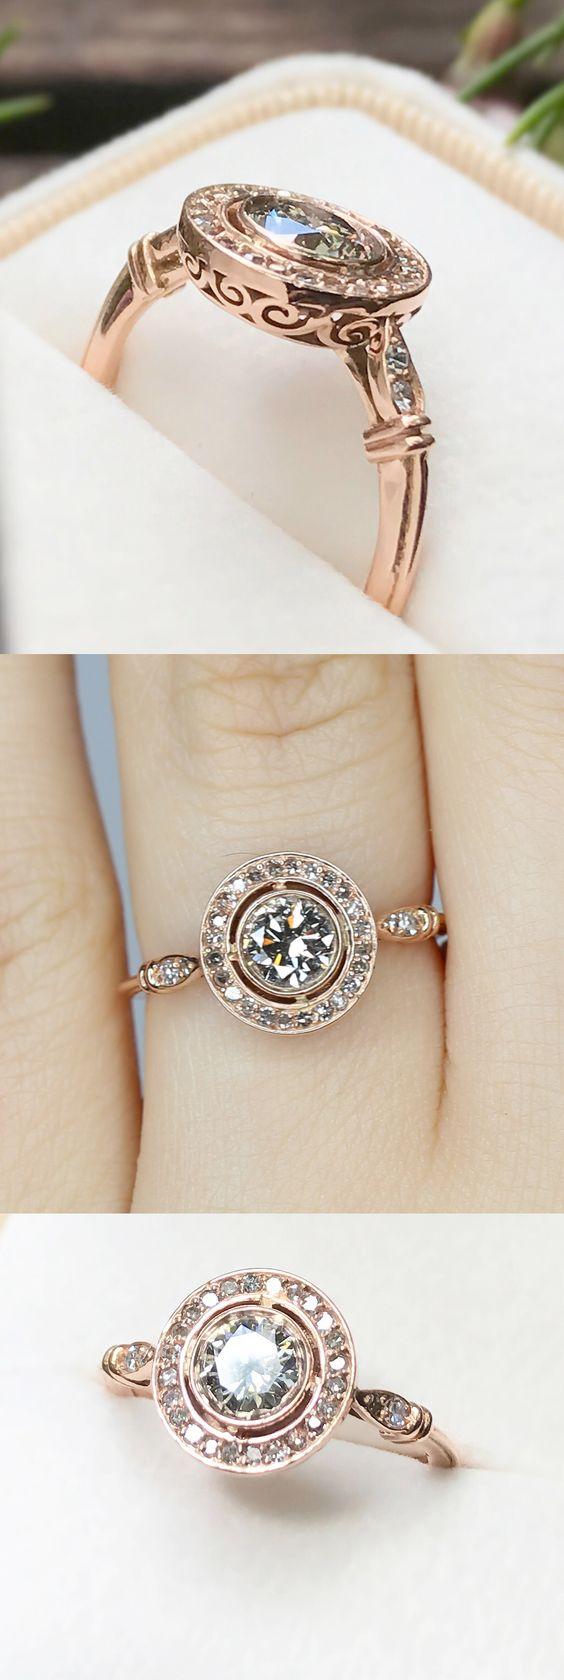 Inspirado en elementos de diseño Art Deco, georgiano y eduardiano, este anillo combina elementos antiguos y contemporáneos para crear un aspecto limpio, majestuoso y glamoroso.